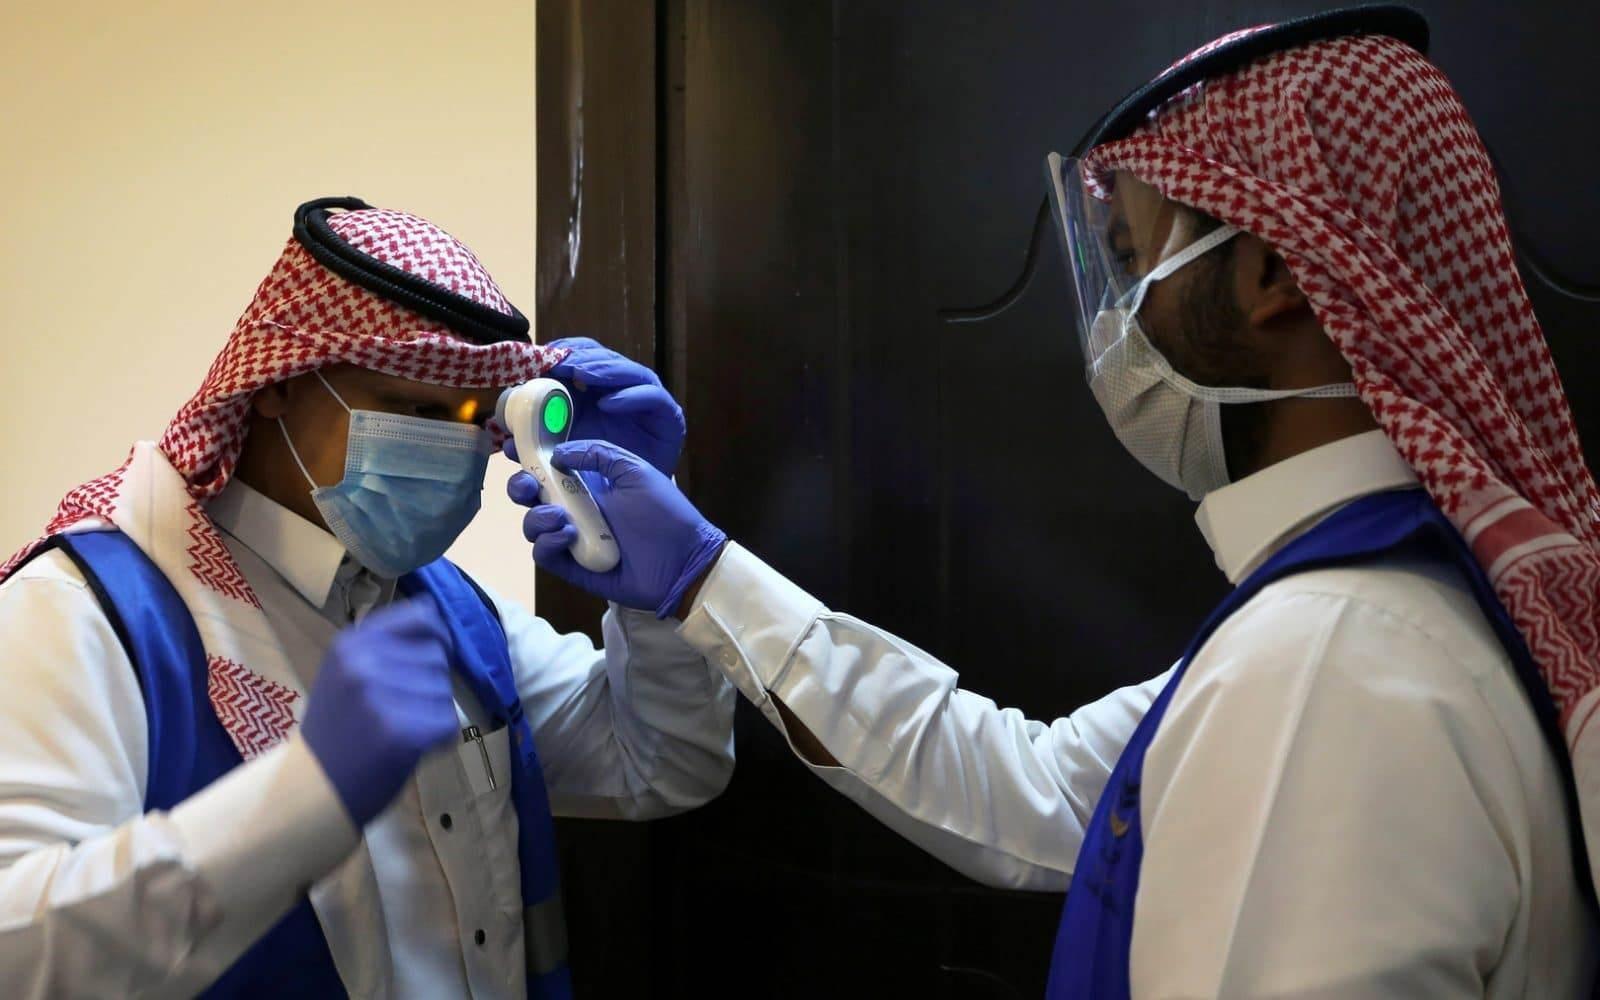 السعودية تسجّل أعلى عدد إصابات بفيروس كورونا